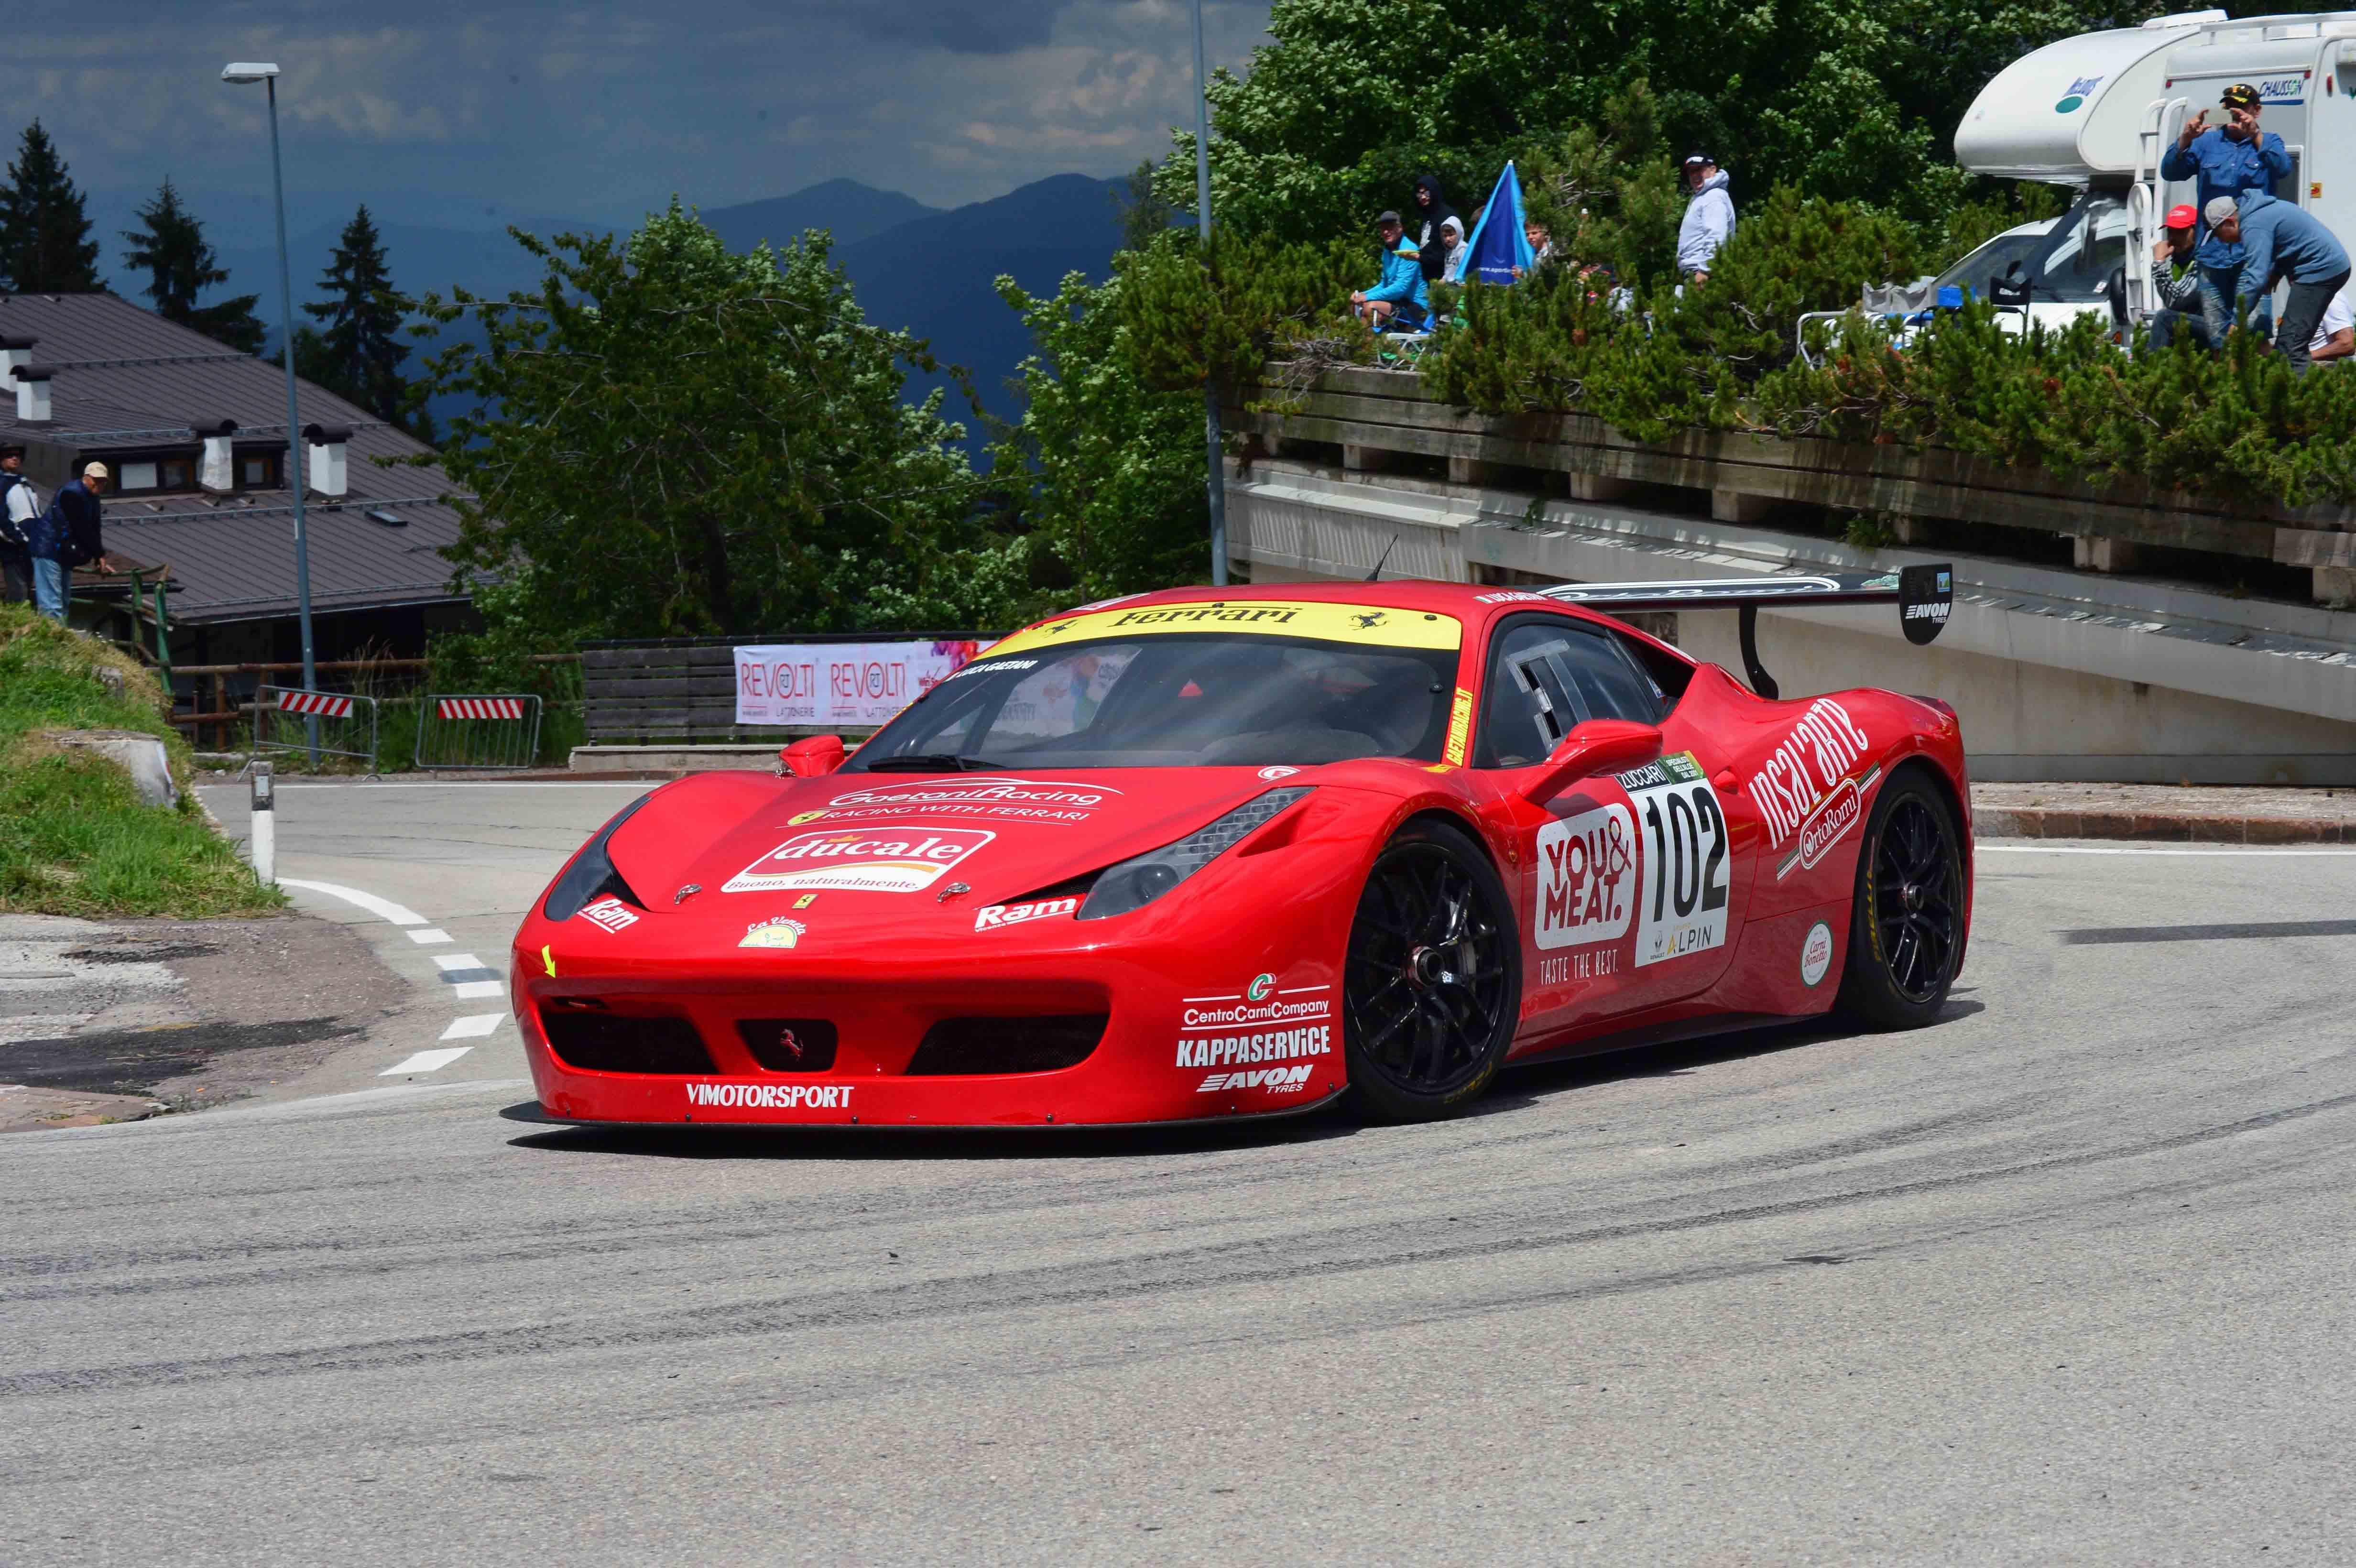 Gaetani Vimotorsport Ferrari